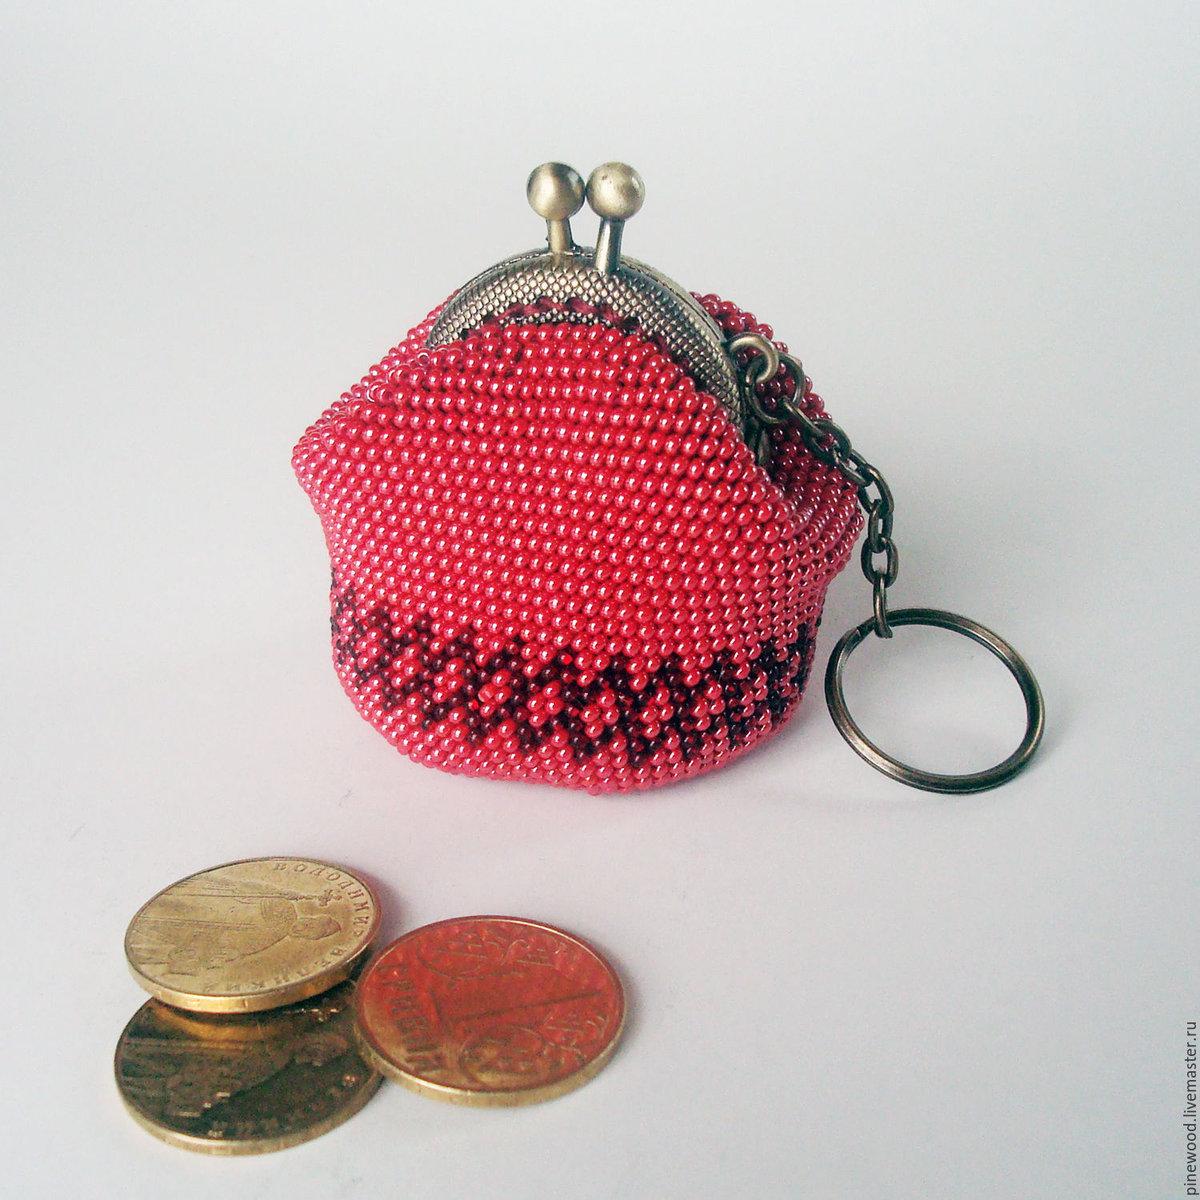 Мастер класс по вязанию монетницы из бисера